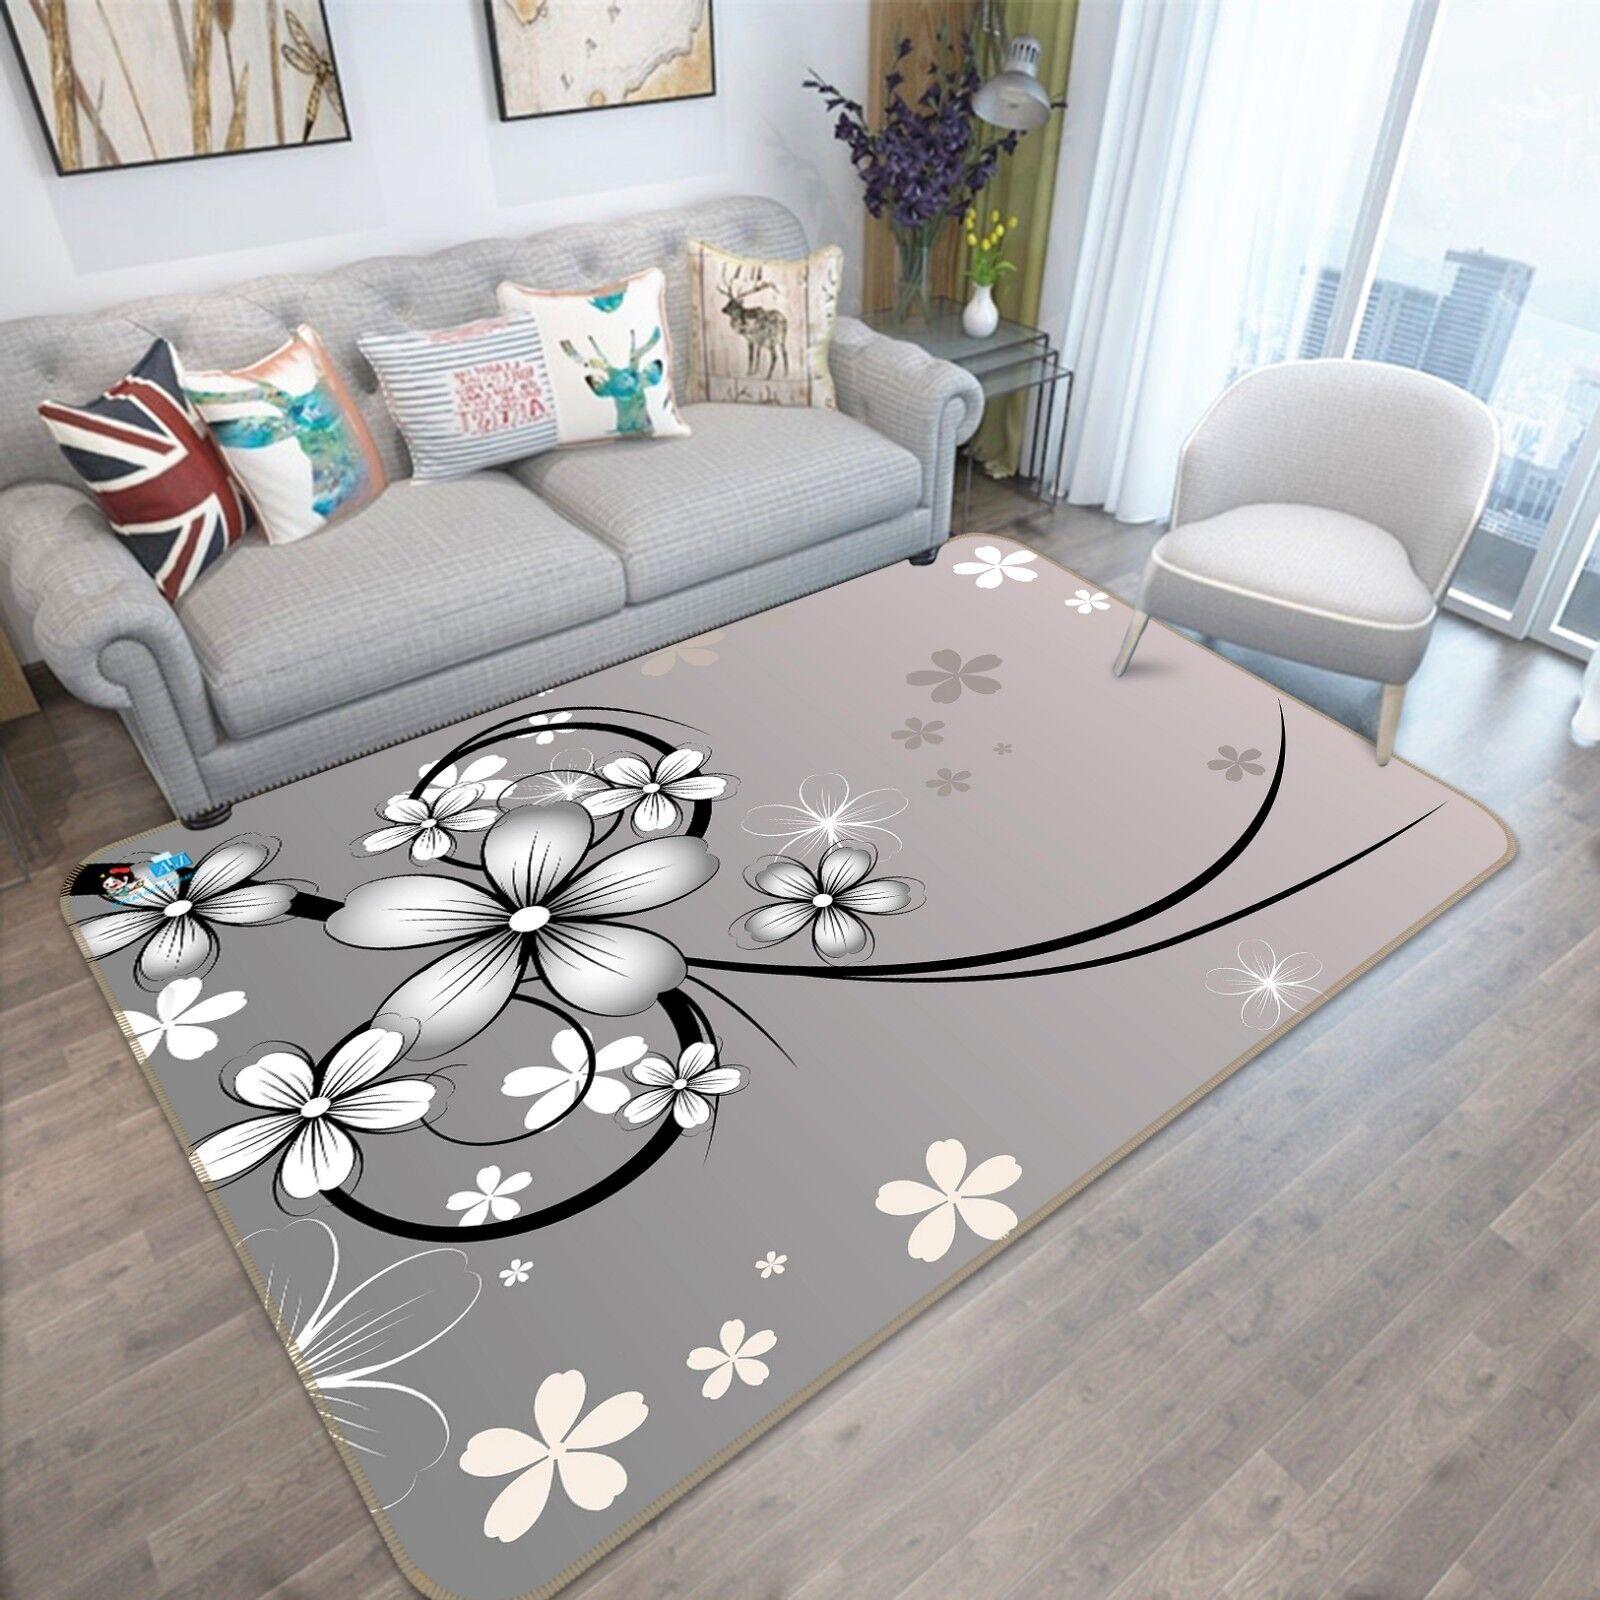 3D Fiori 143 Pavimento Antiscivolo Tappeti Elegante Tappeto IT Sunmmer